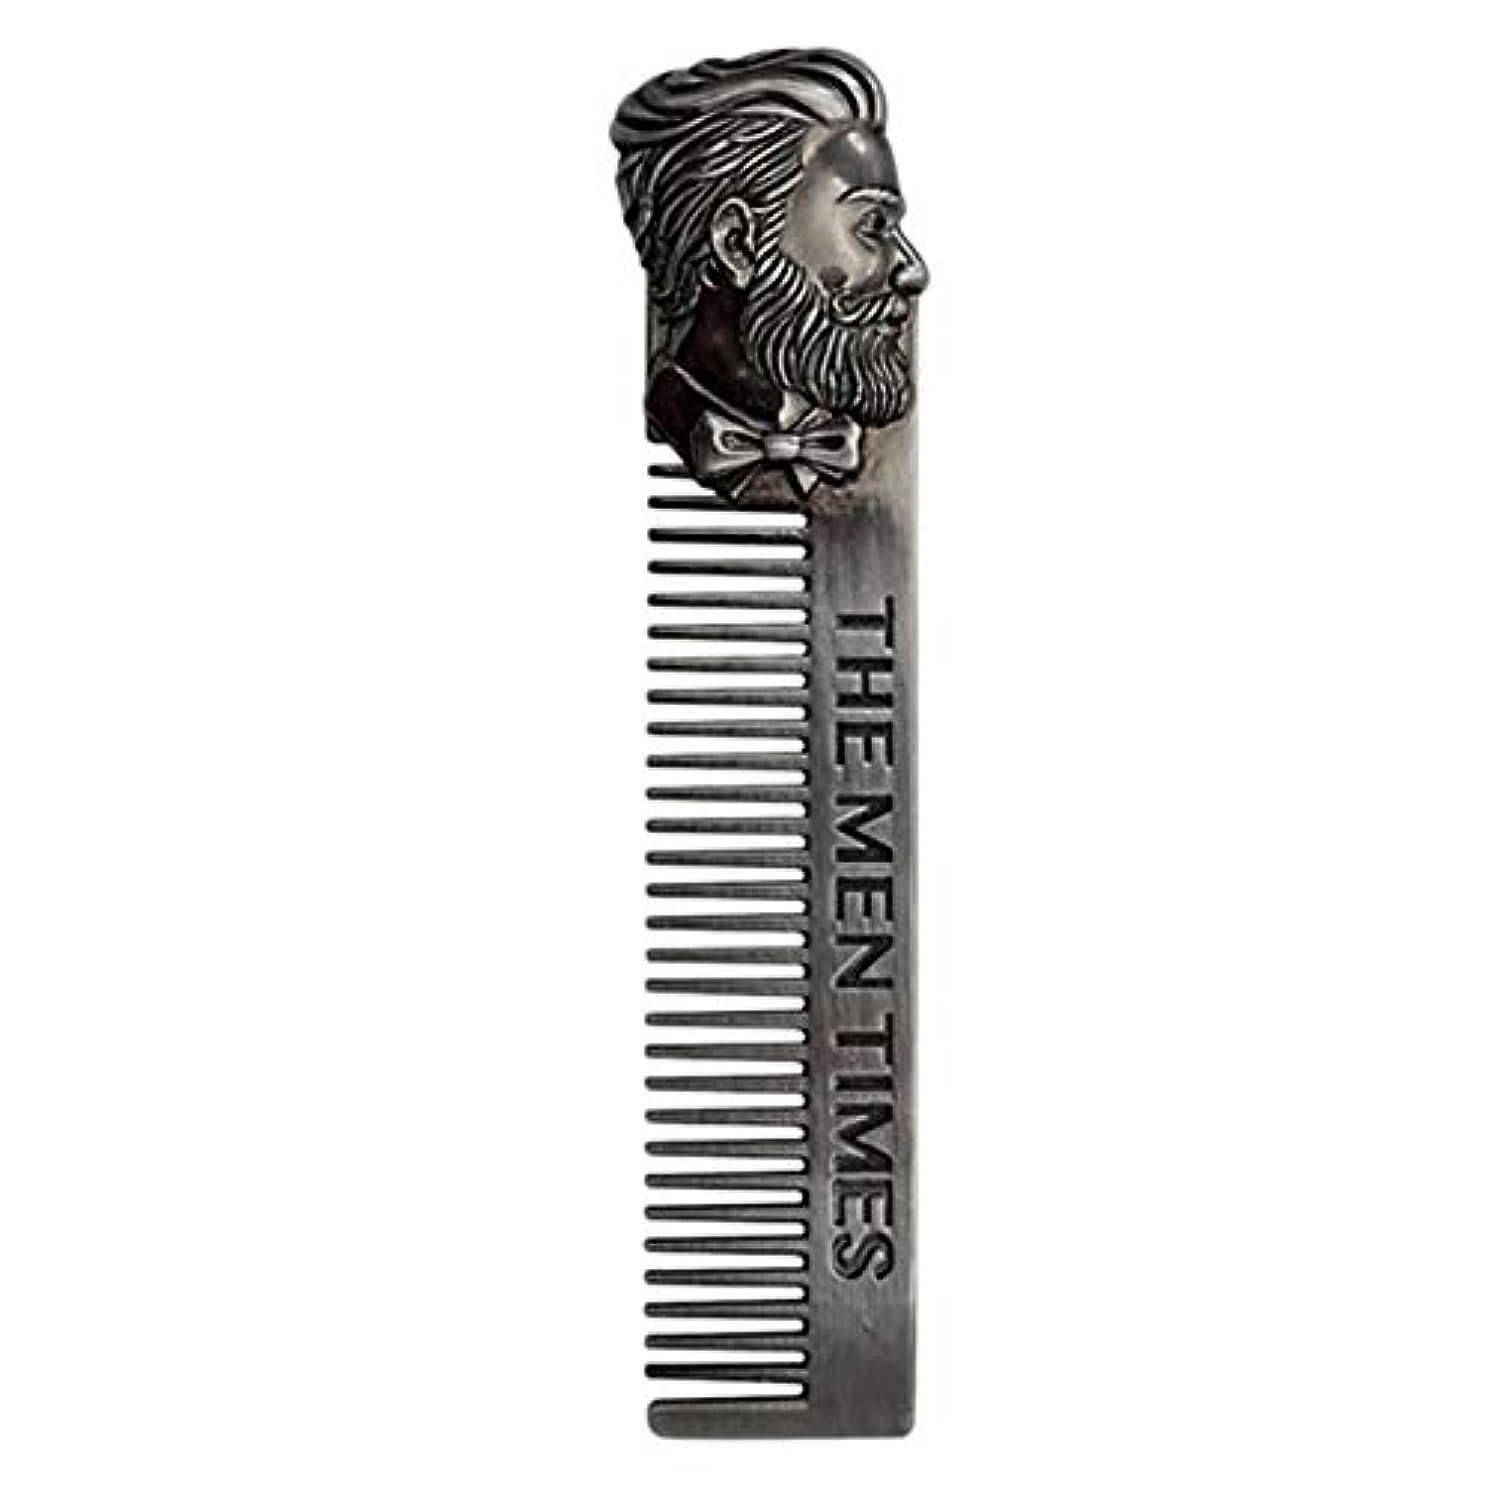 ぴったり稚魚外部CUHAWUDBA 1ピース シルバービアード 髭 メタルビアードコーム メンズヘアビアードトリムツール